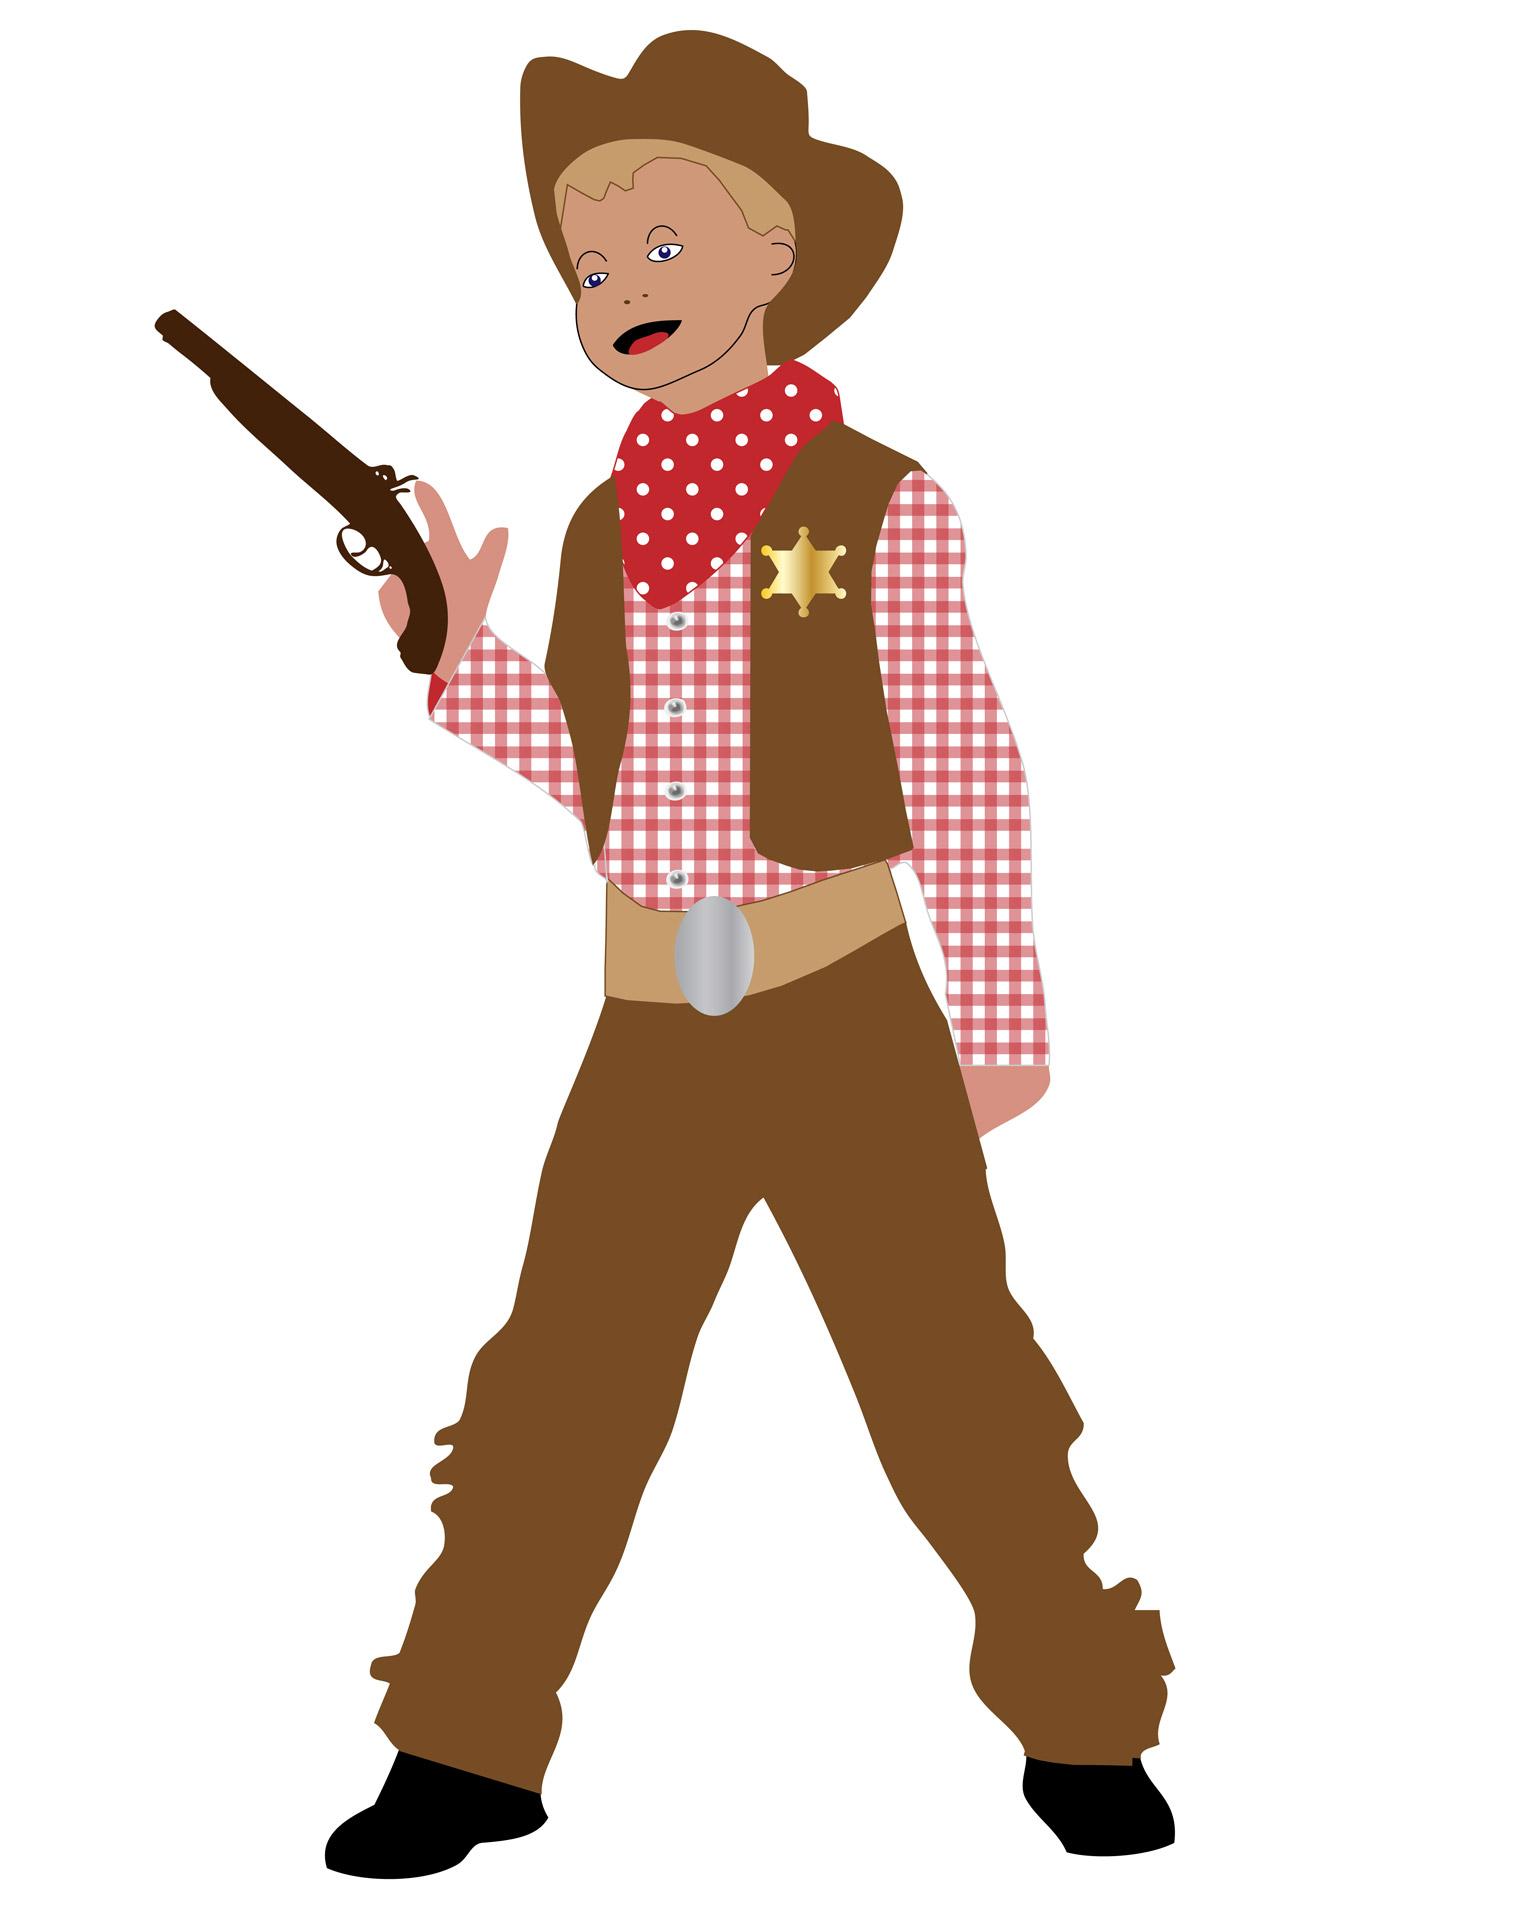 Free Cowboy Clip Art - ClipArt Best-Free Cowboy Clip Art - ClipArt Best-15